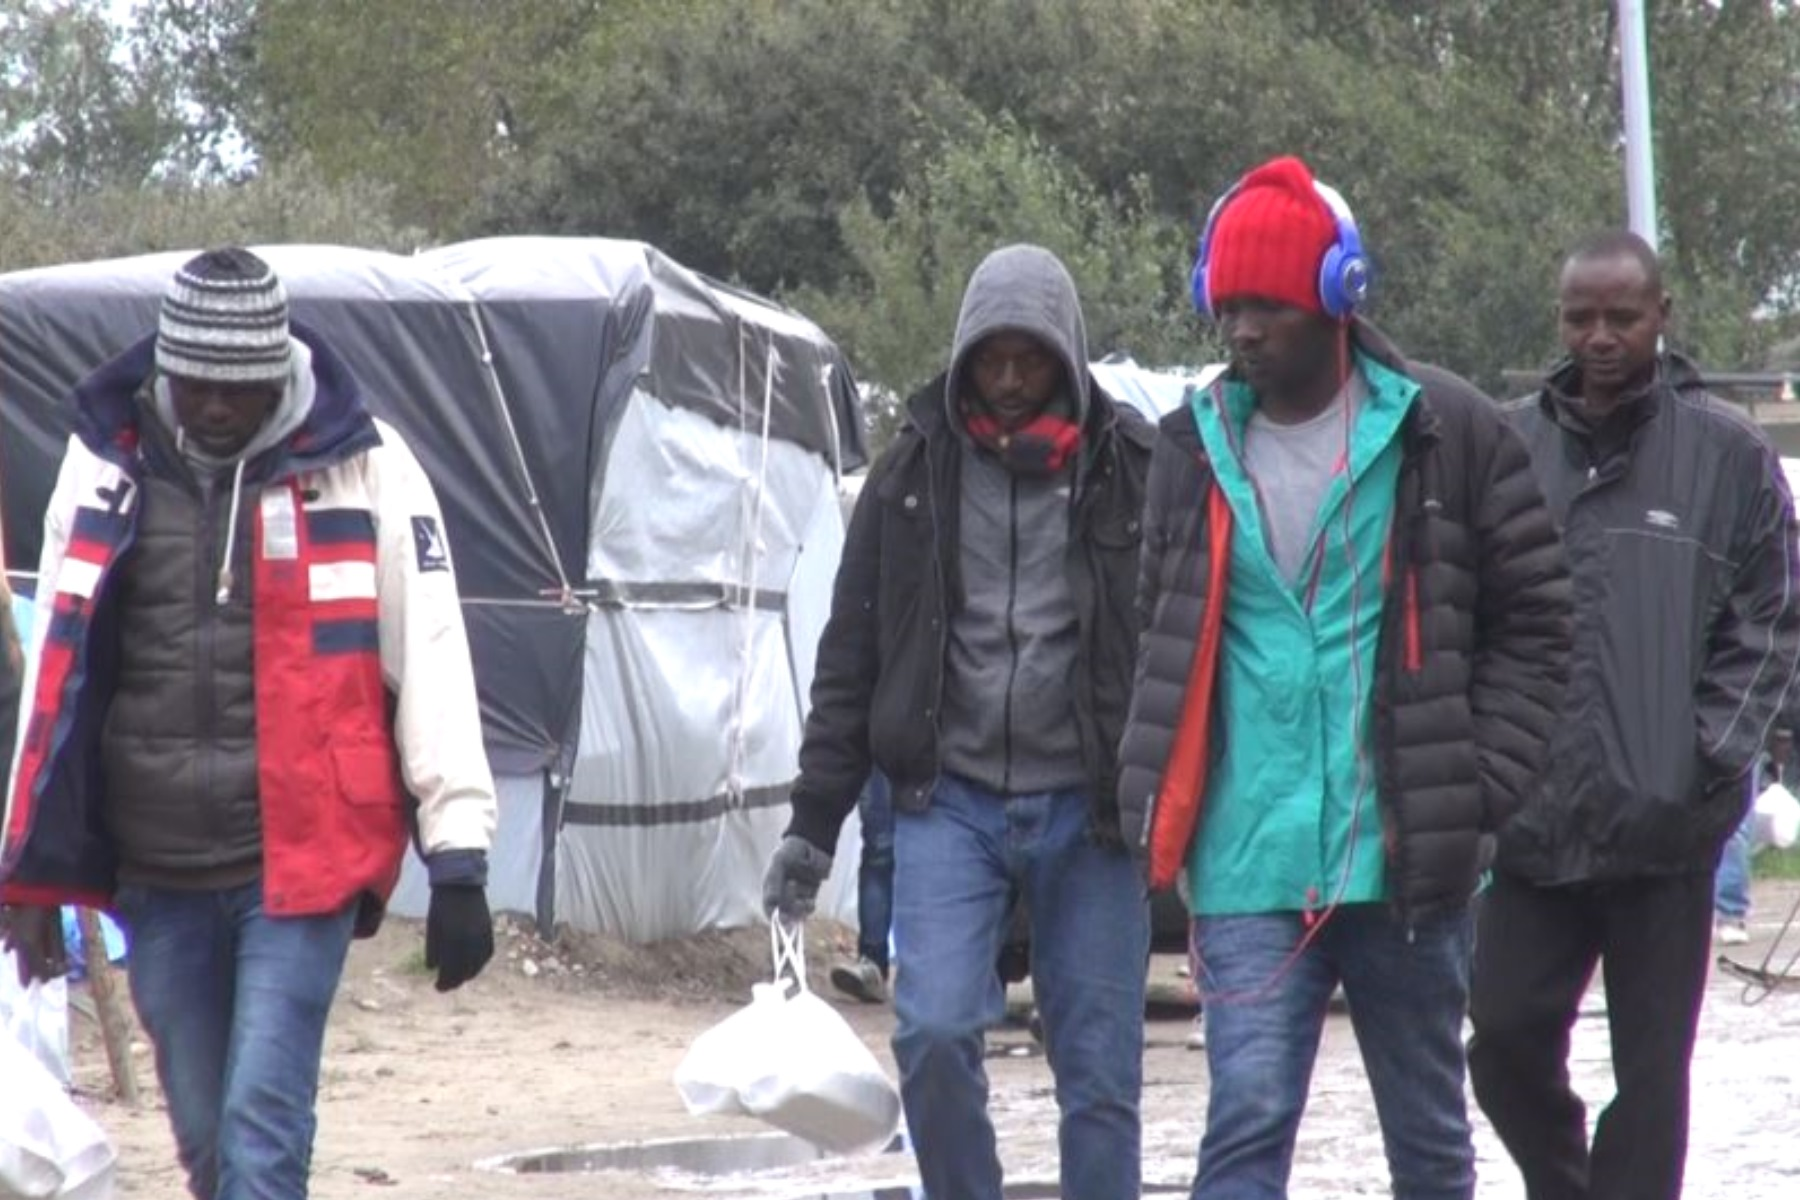 Grenzen müssen für Illegale dicht bleiben